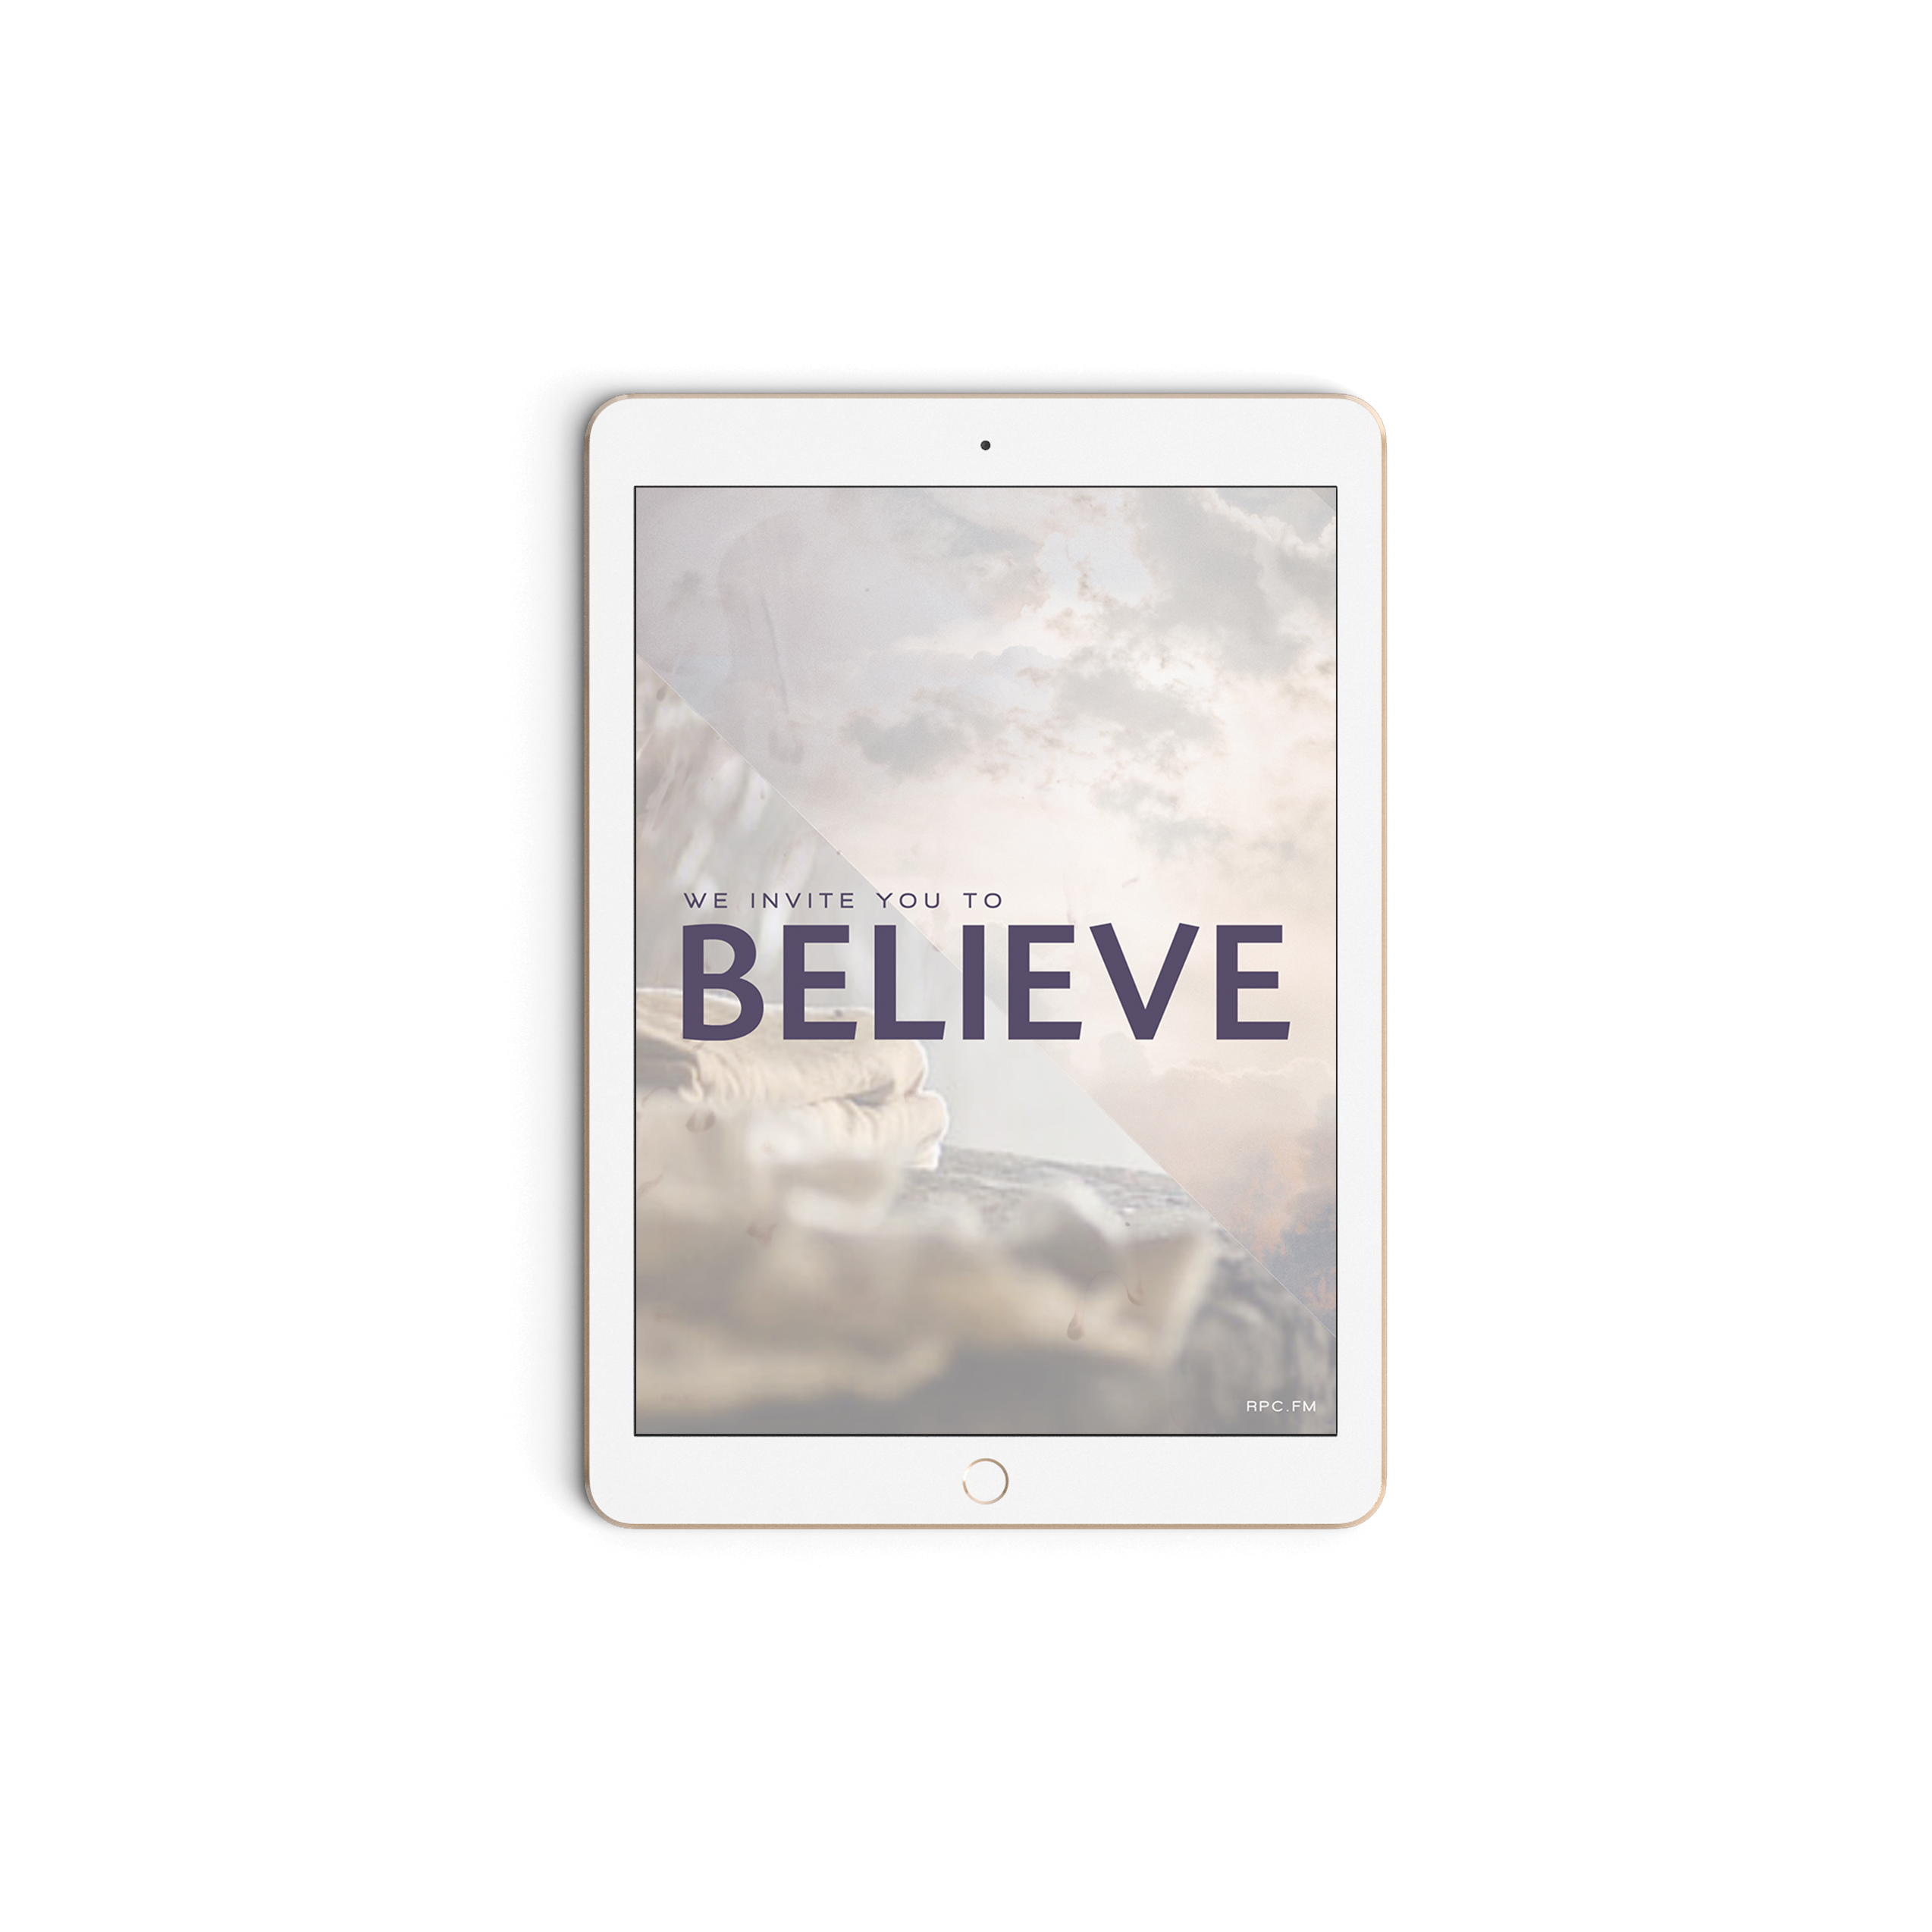 We-Invite-You-to-Believe---iPad